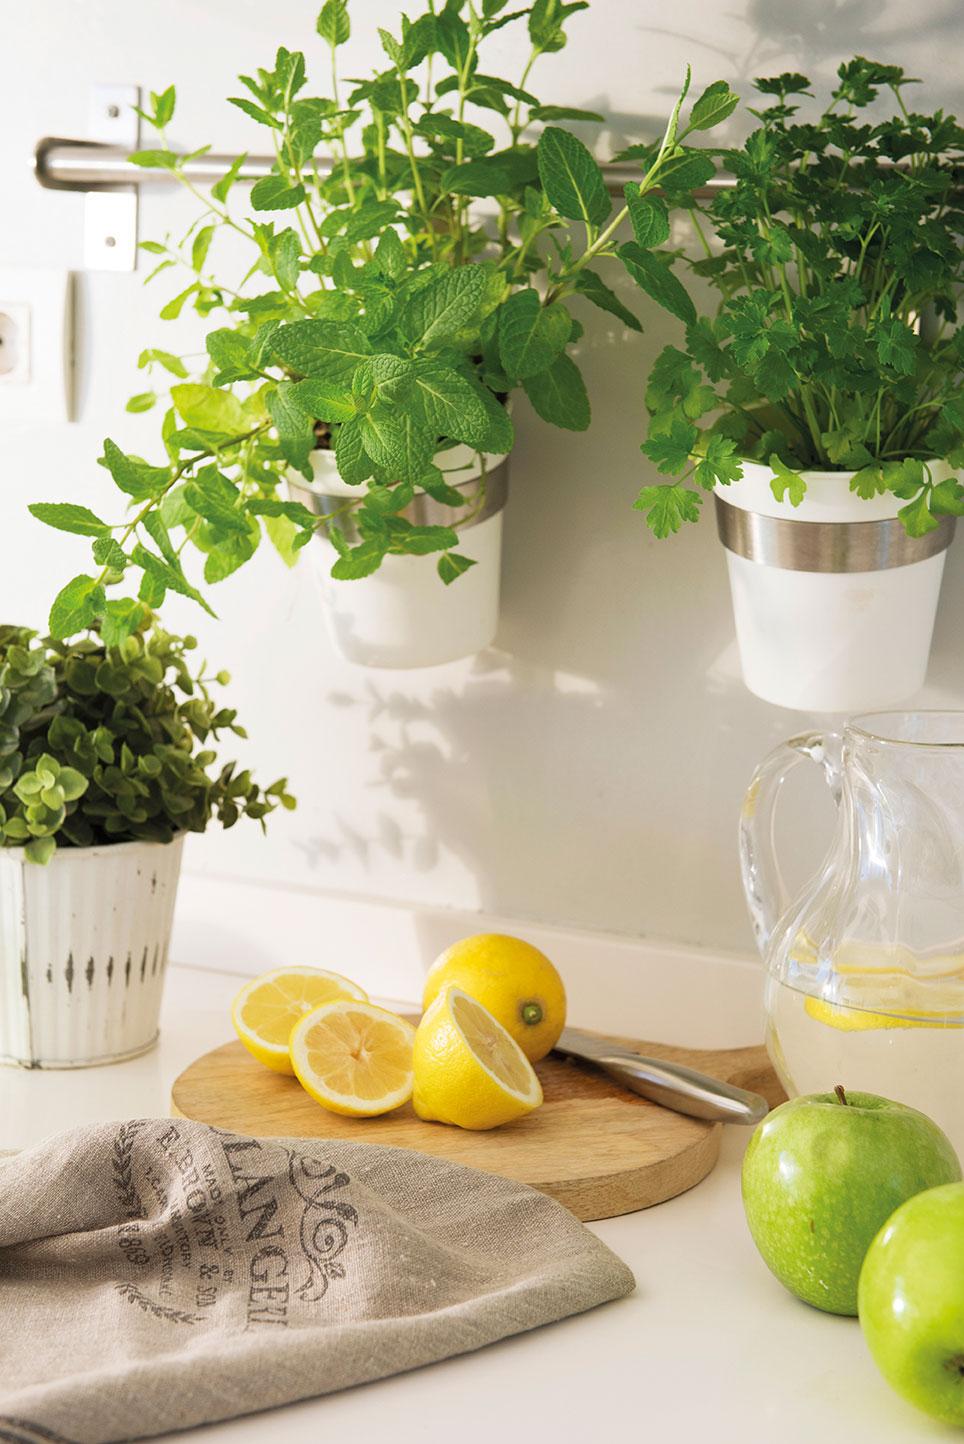 Las 10 reglas de oro para lograr una casa instagrameable - Plantas aromaticas en la cocina ...